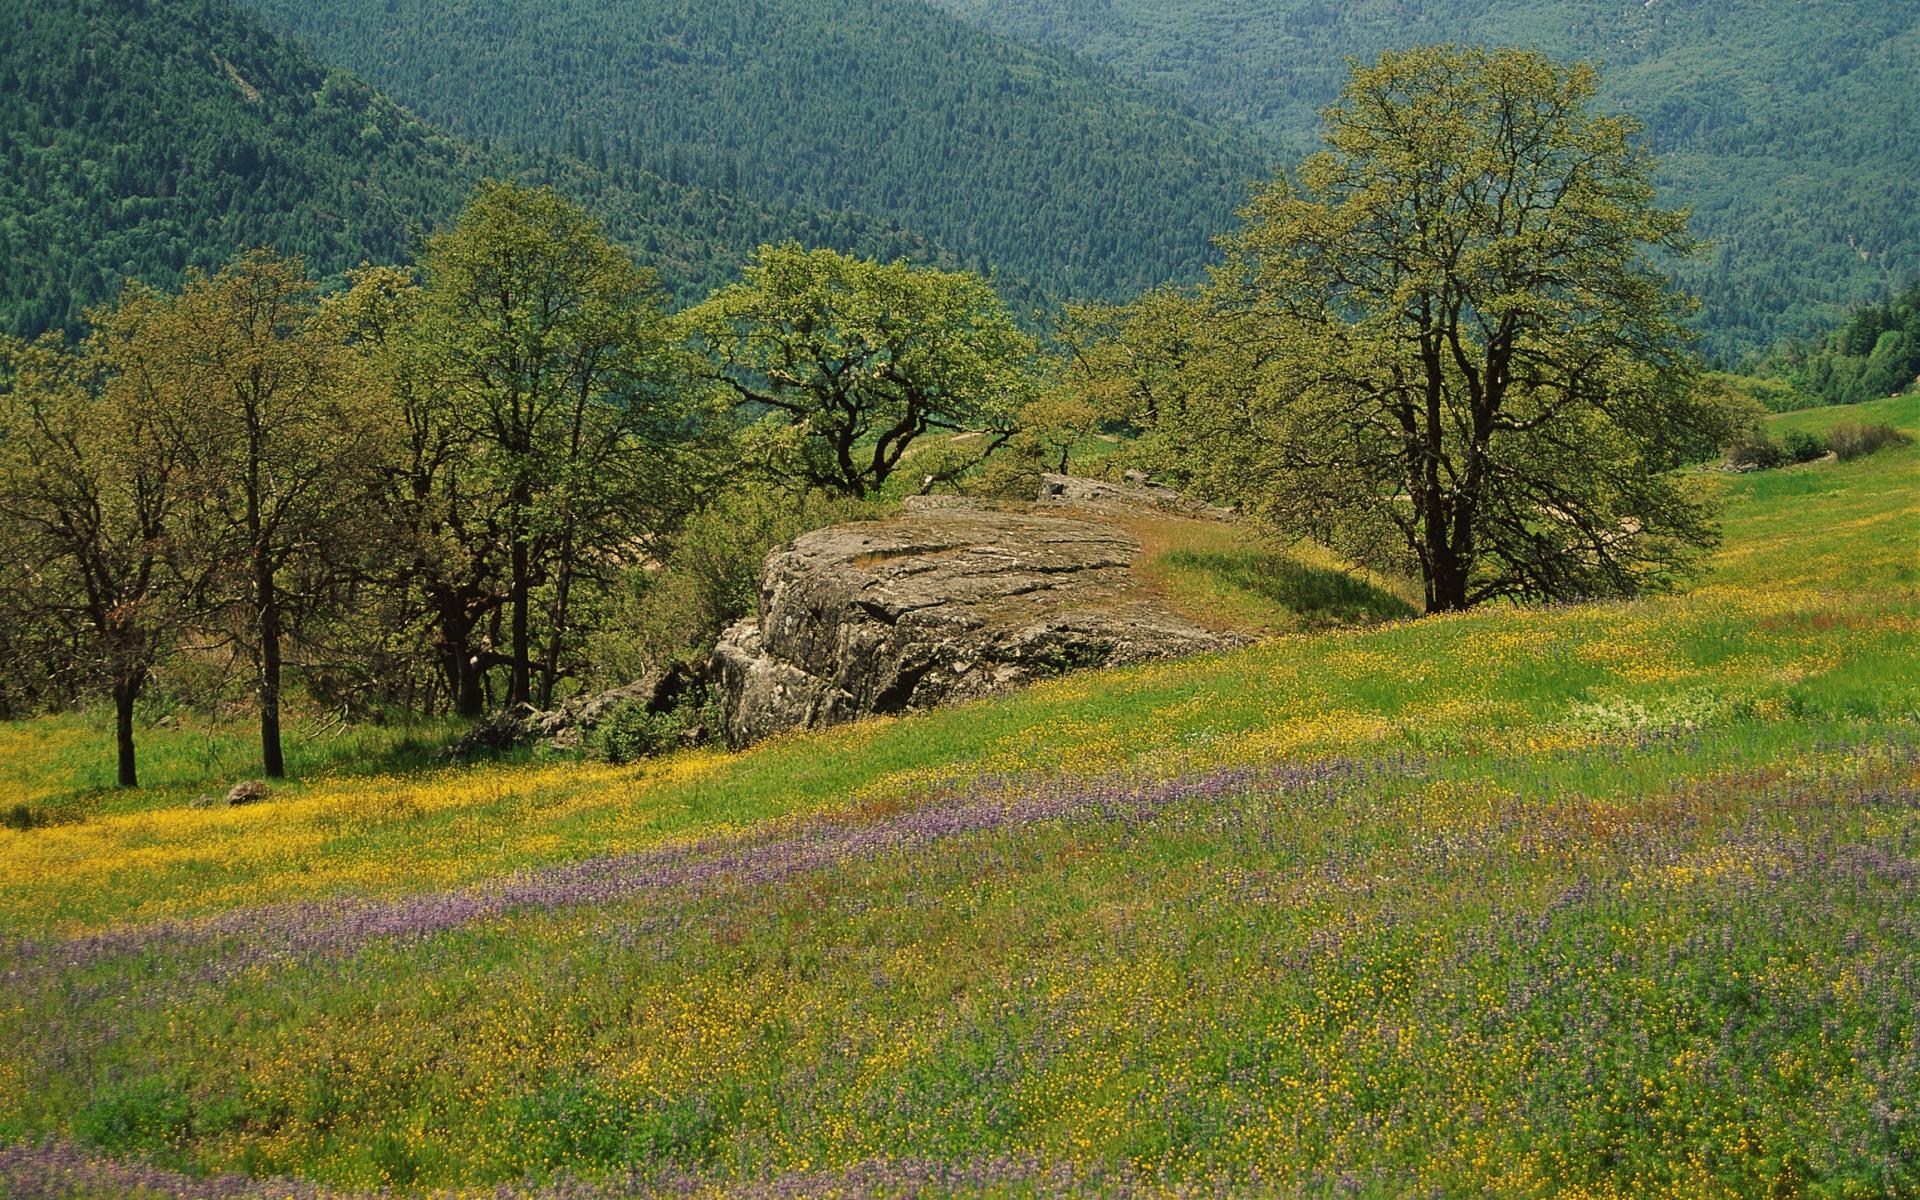 Картинки Поляна, деревья, трава, зелень, цветы, поле, горы фото и обои на рабочий стол